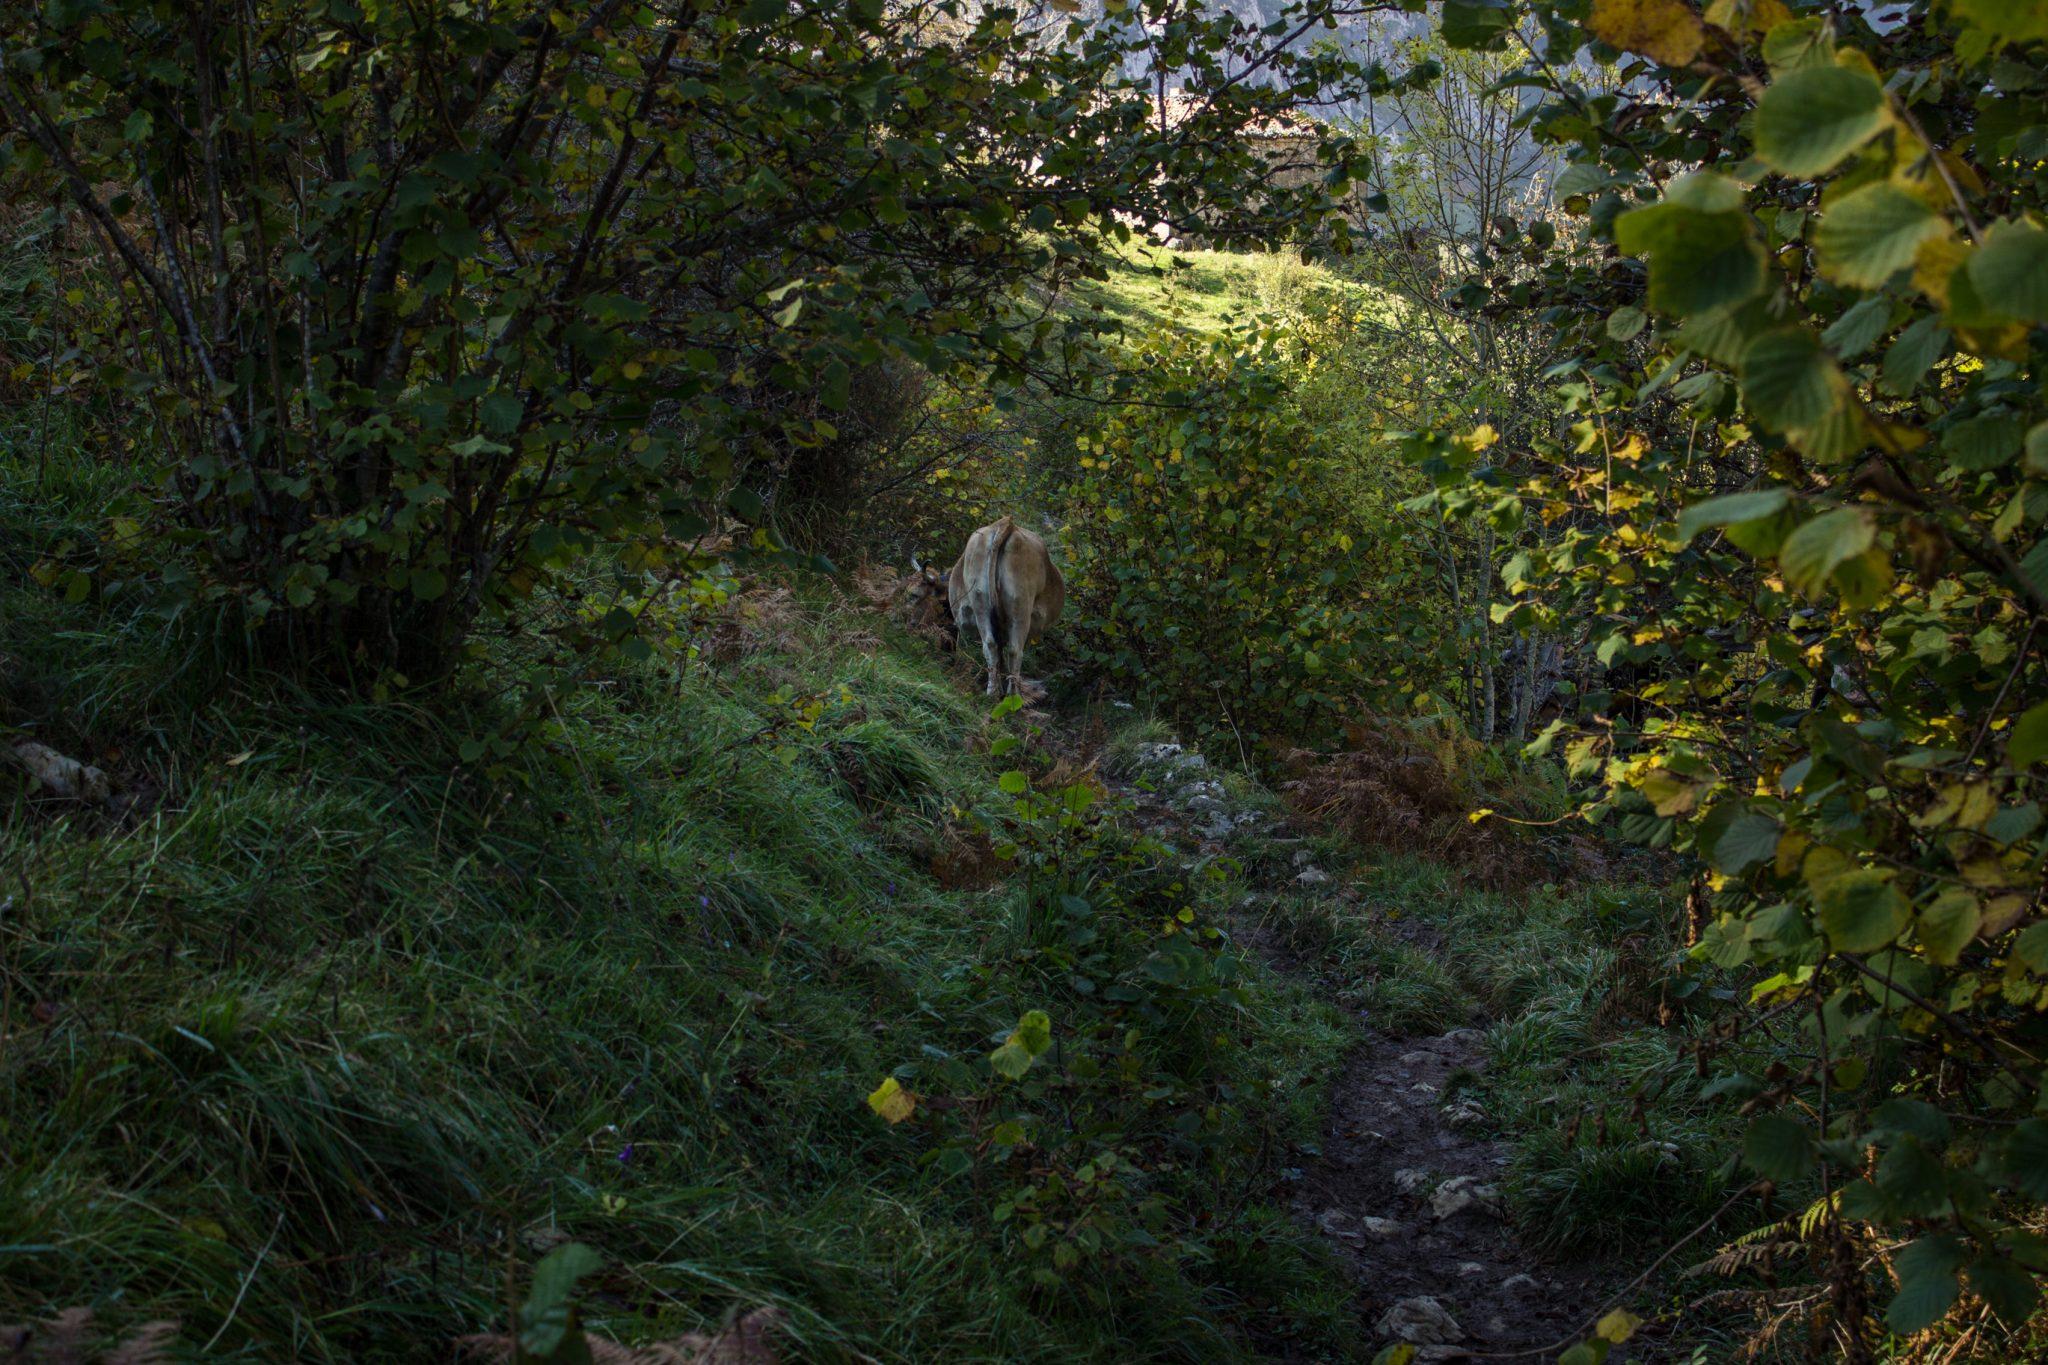 Wanderung Poncebos nach Bulnes in den Picos de Europa, schmaler Wanderpfad, saftig grüne Wiese, Steine und Geröll, tolles Wanderwetter, Kuh steht auf dem Wanderweg